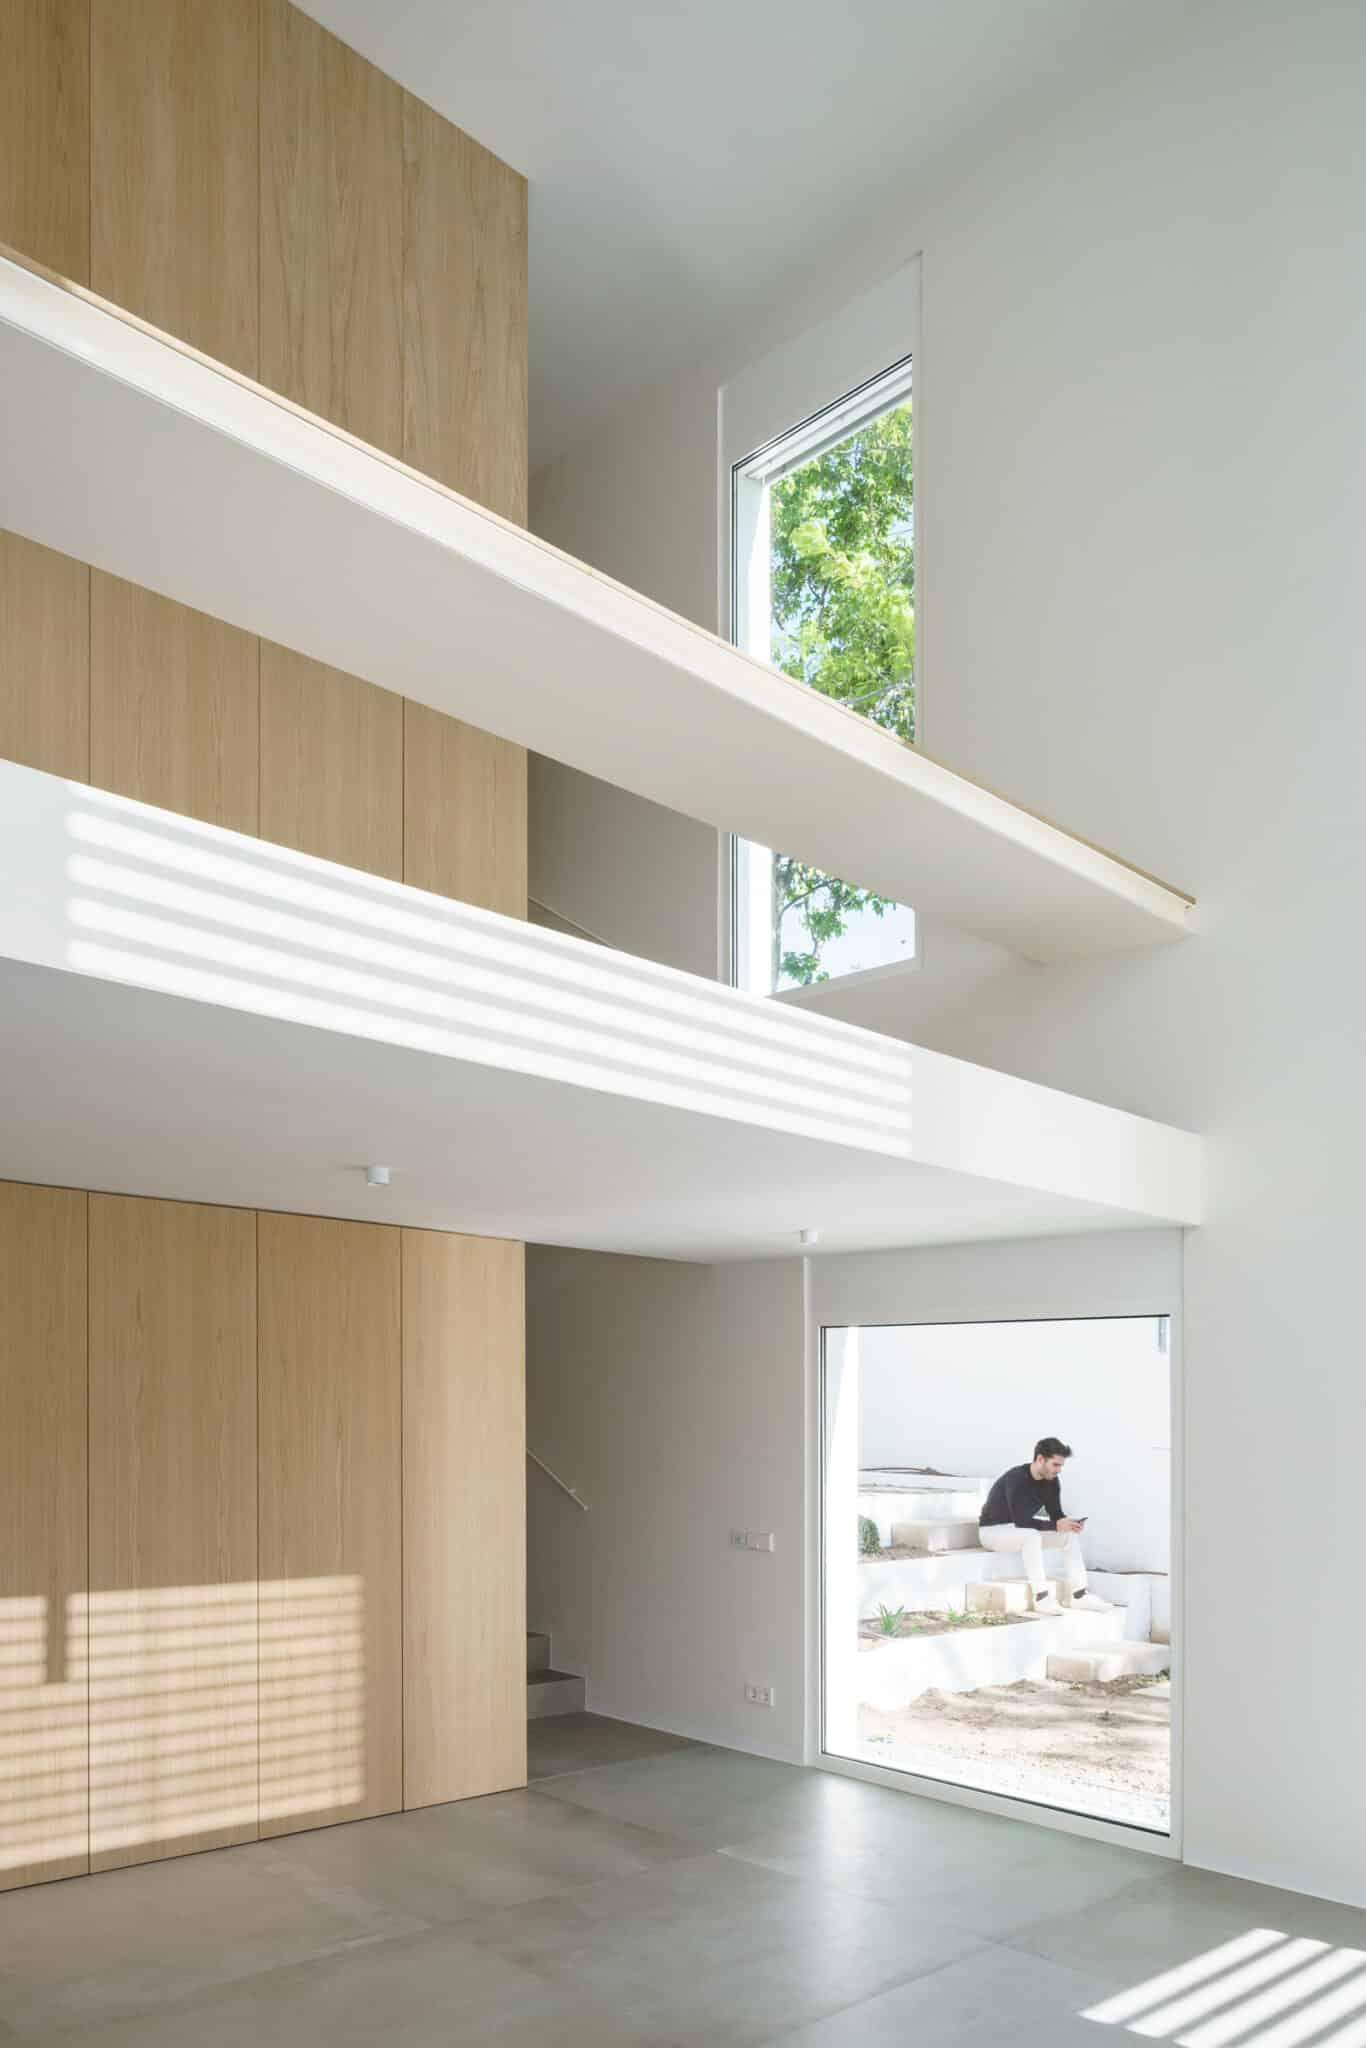 Woodcase House  - 20210907 AyllonParadelaDeAndres Woodcase 06.2 scaled 42